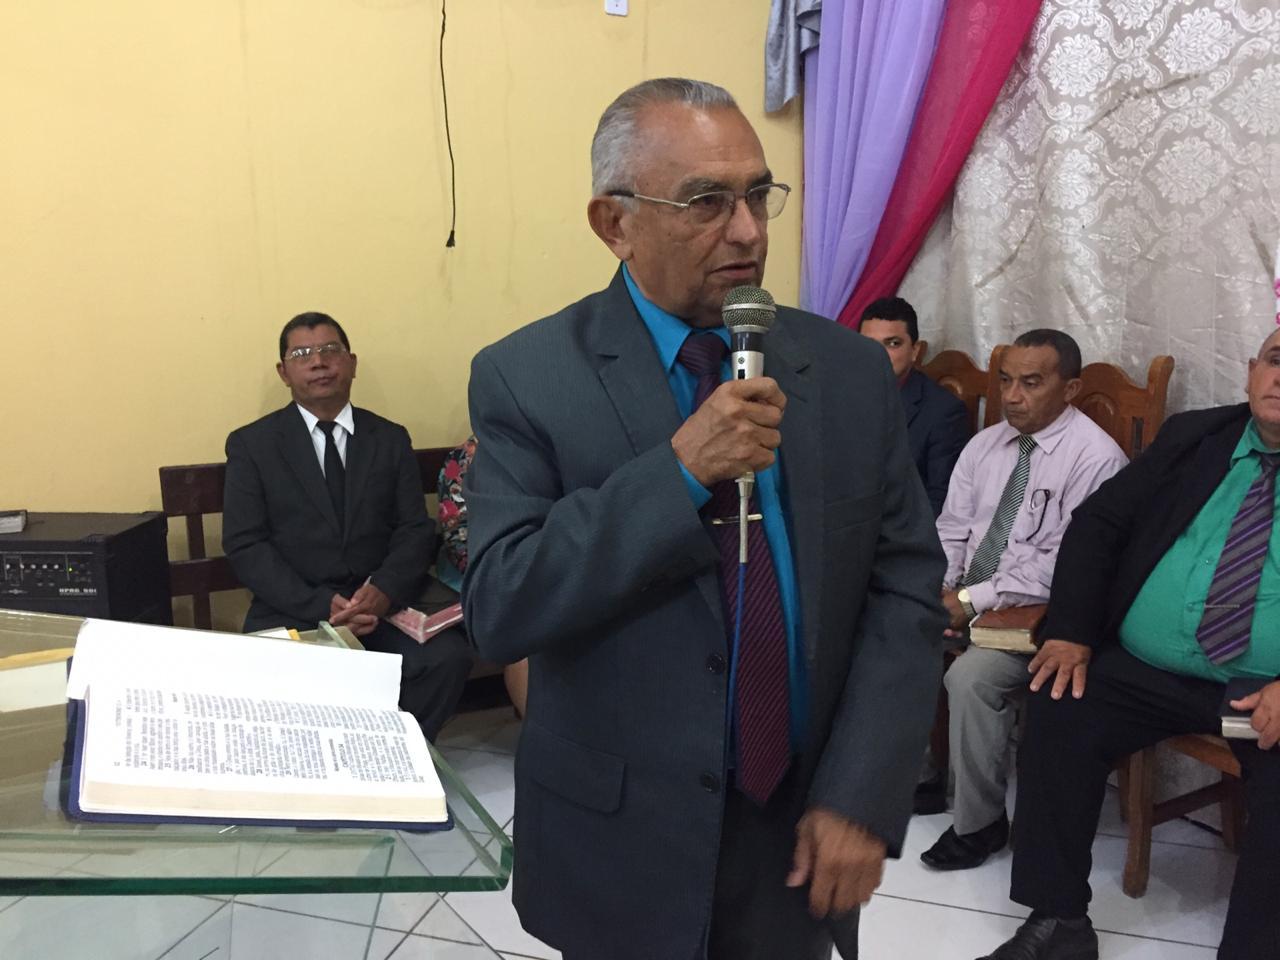 Culto de posse do pastor Romilson na Monte Moriá (3)